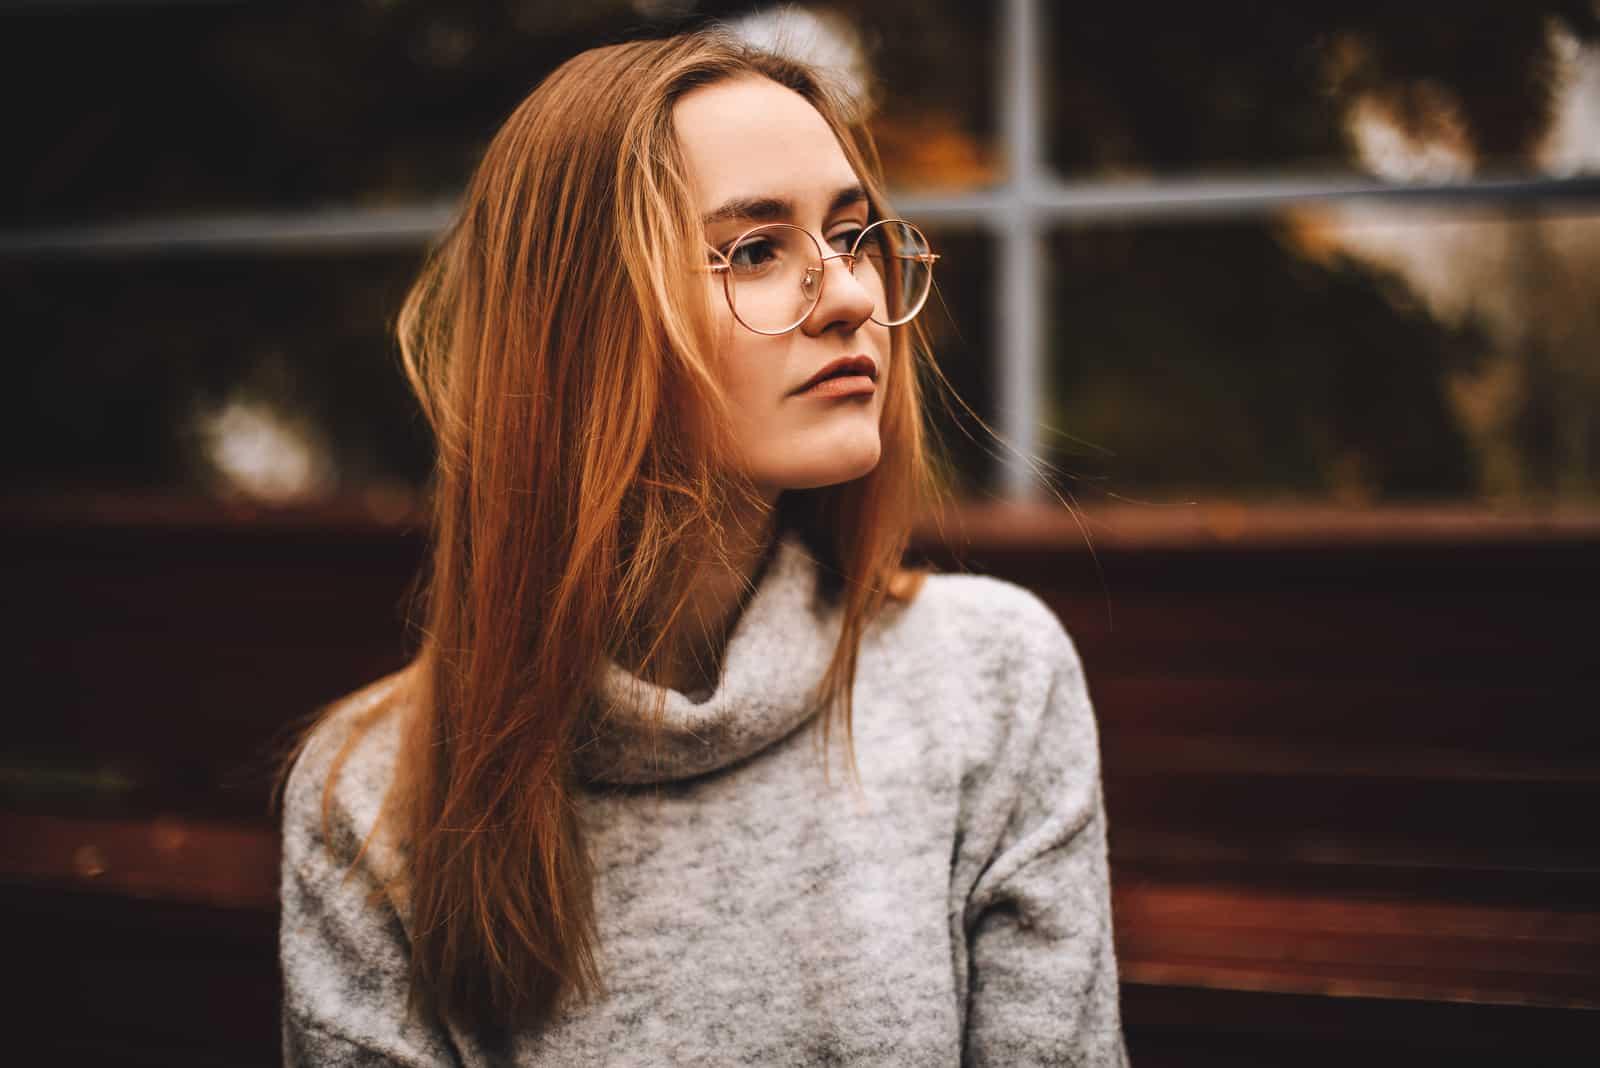 Nahaufnahme der nachdenklichen jungen Frau mit den langen blonden Haaren, die im Park sitzen und denken